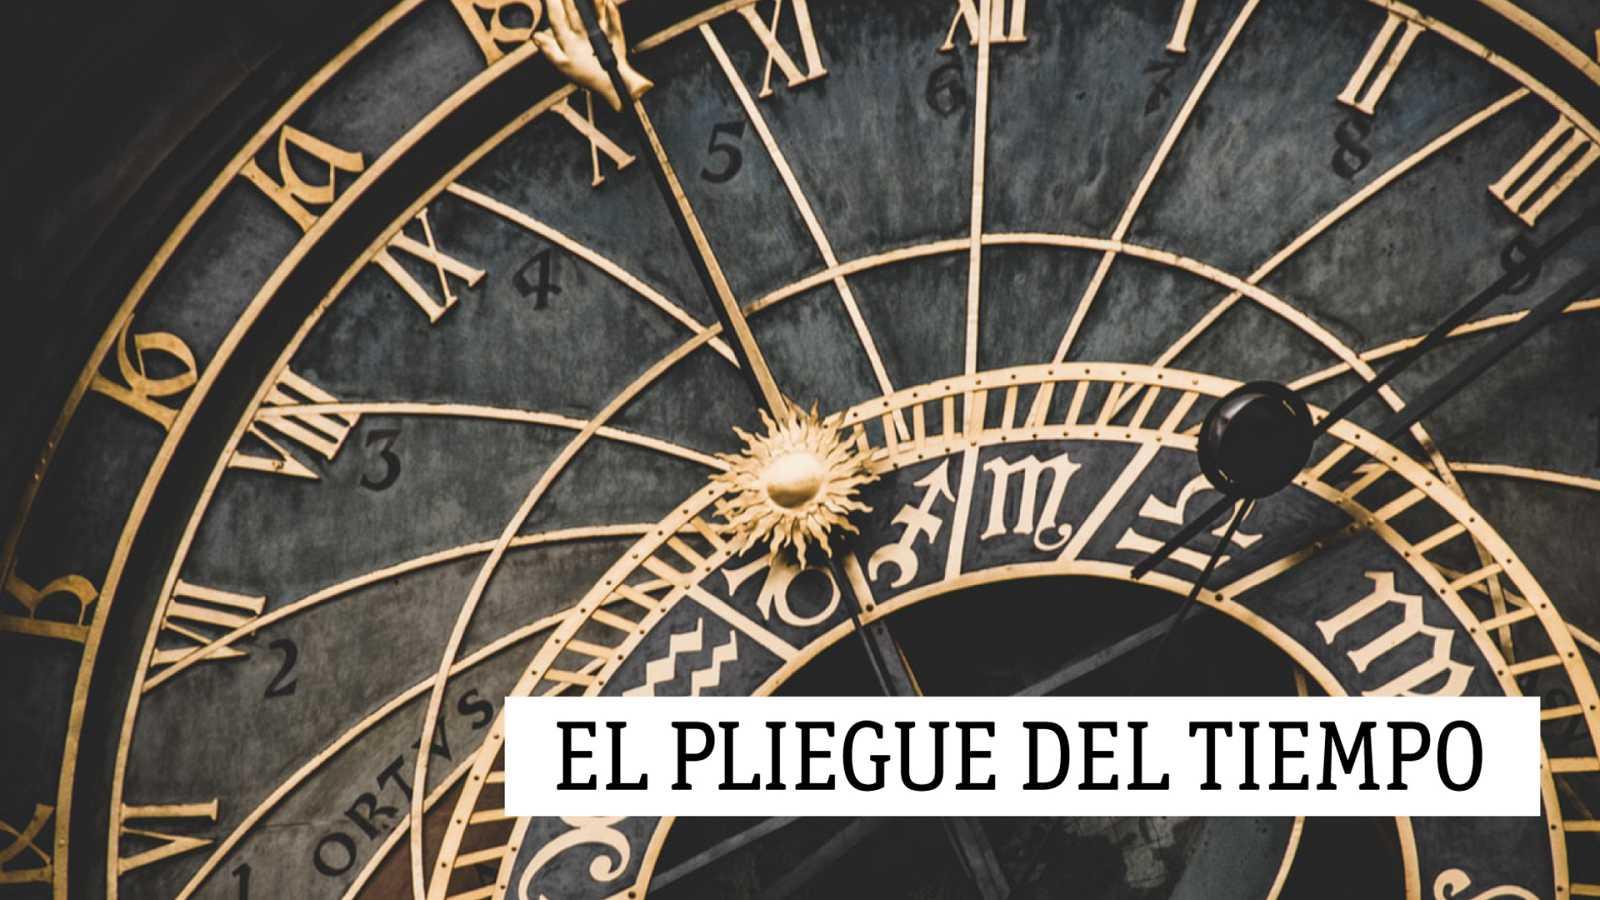 El pliegue del tiempo - La recepción de Beethoven en España y VII - 24/06/20 - escuchar ahora